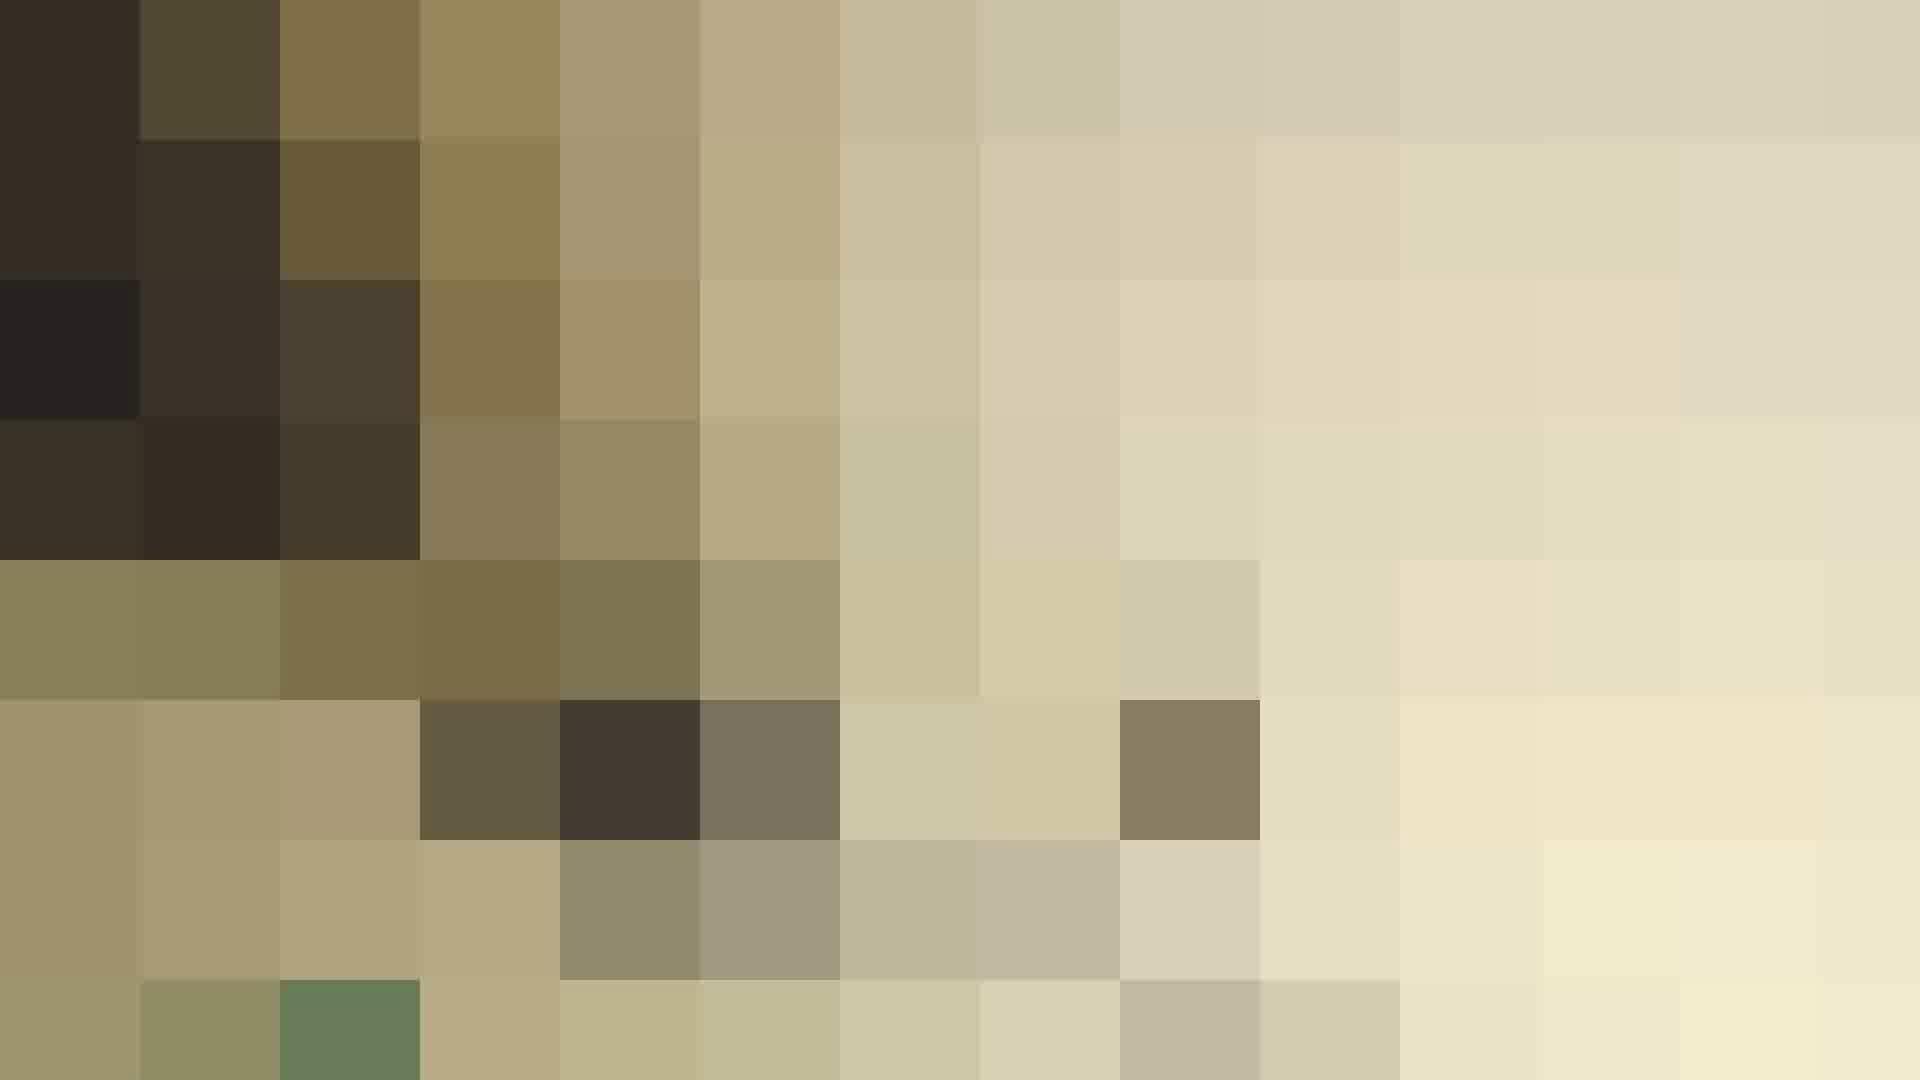 世界の射窓から vol.44 お上品そうな 盛合せ すけべAV動画紹介 83画像 64